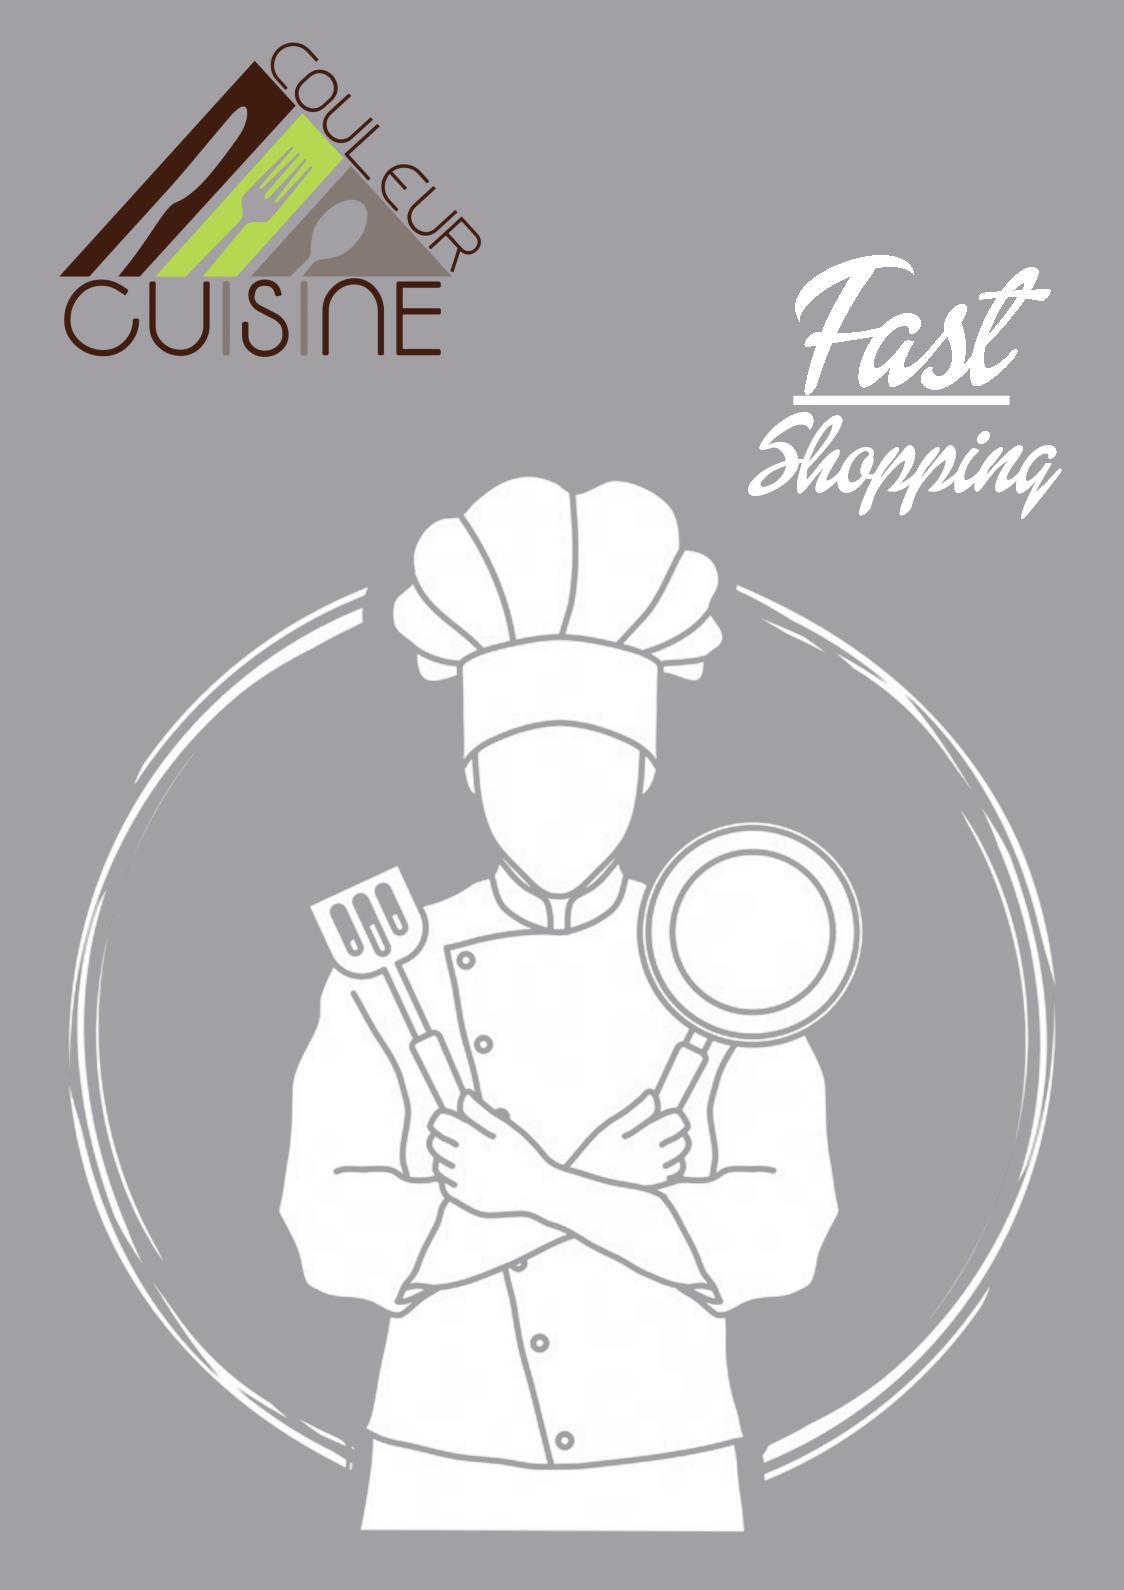 Couleur Cuisine Fast Shopping Web